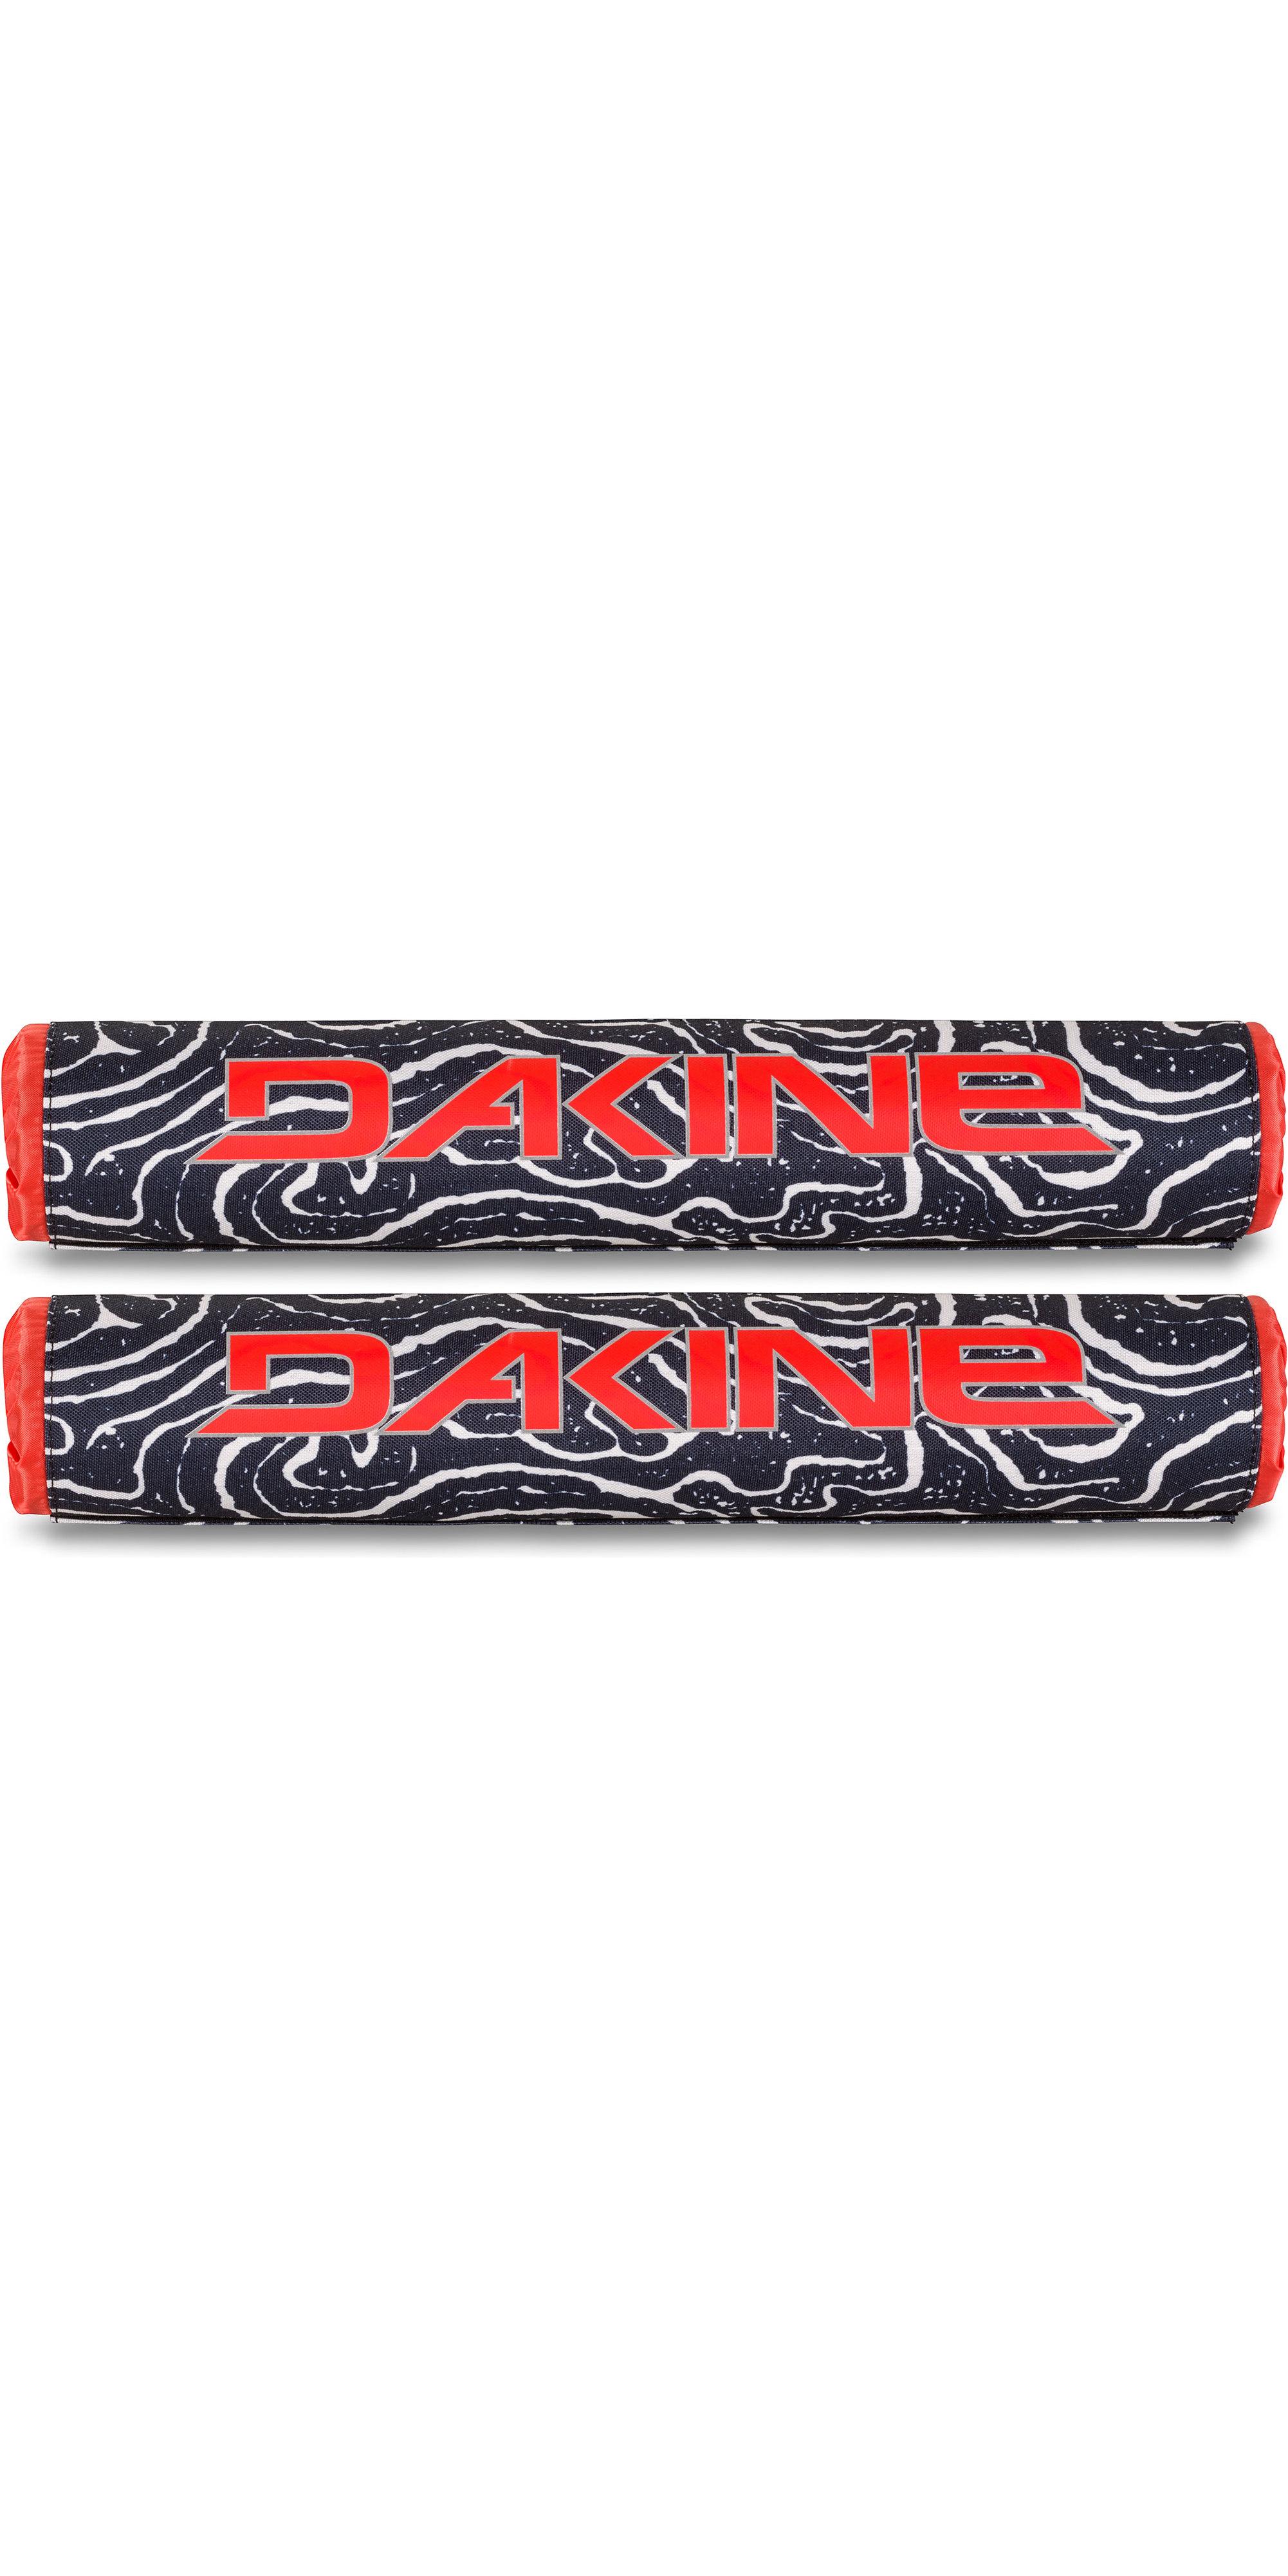 2019 Dakine Long Roof Rack Pads 71cm Lavatubes 8840312